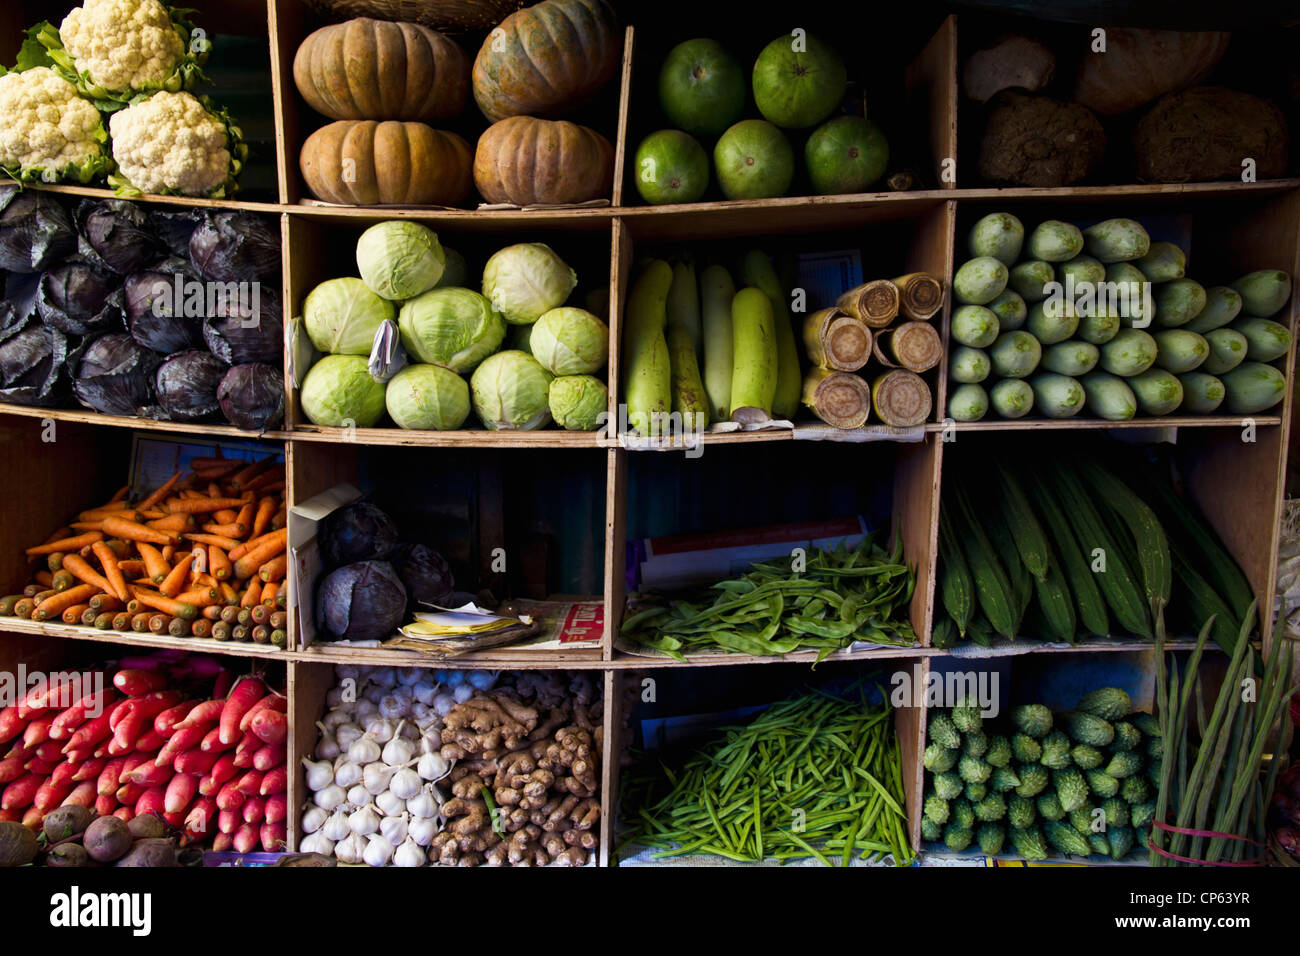 India, Ooty, variedad de hortalizas en la alacena en el mercado Imagen De Stock